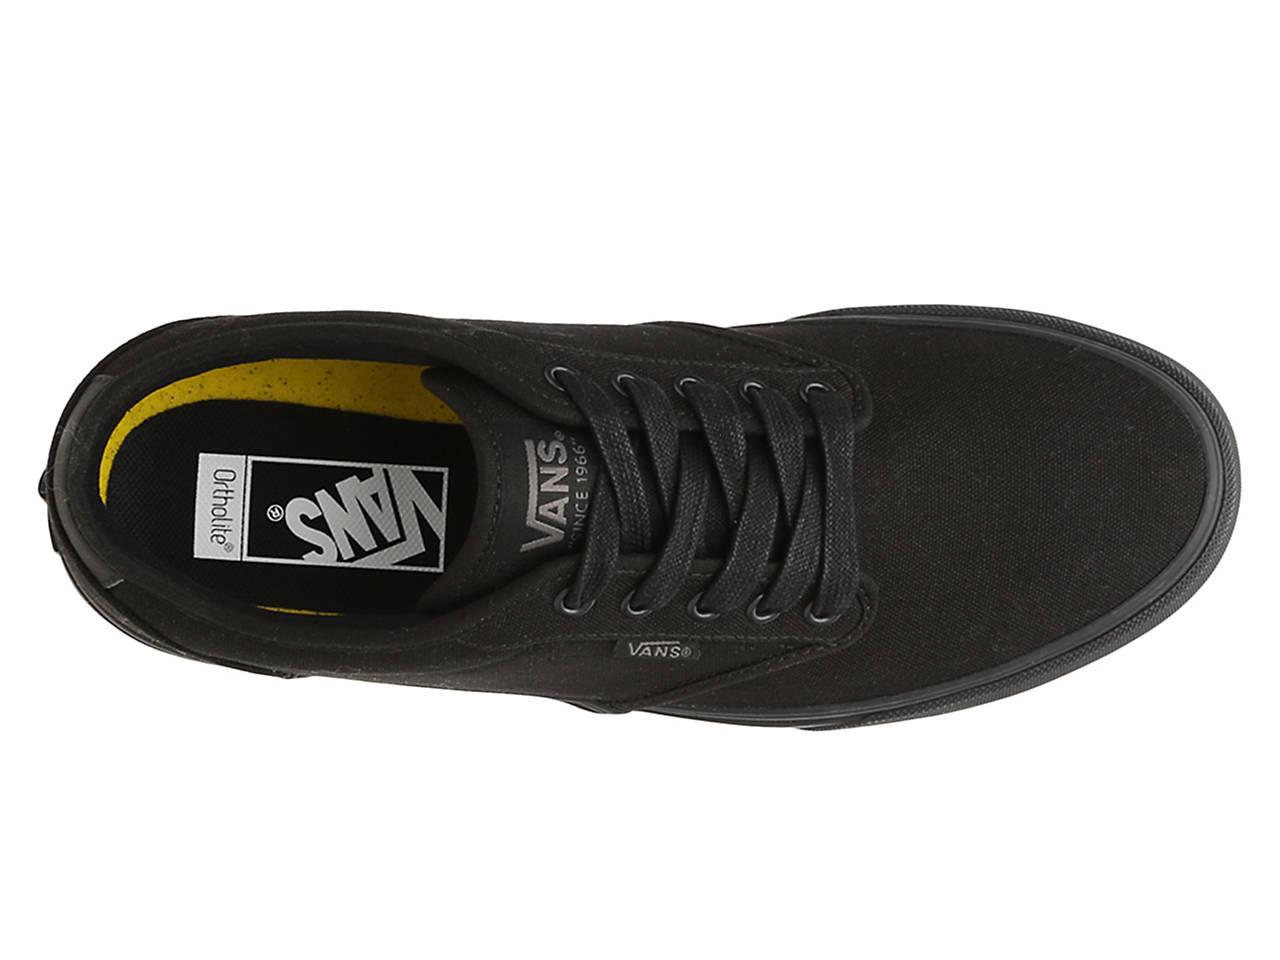 ec0323ead2 Vans Atwood Deluxe Sneaker - Men s Men s Shoes